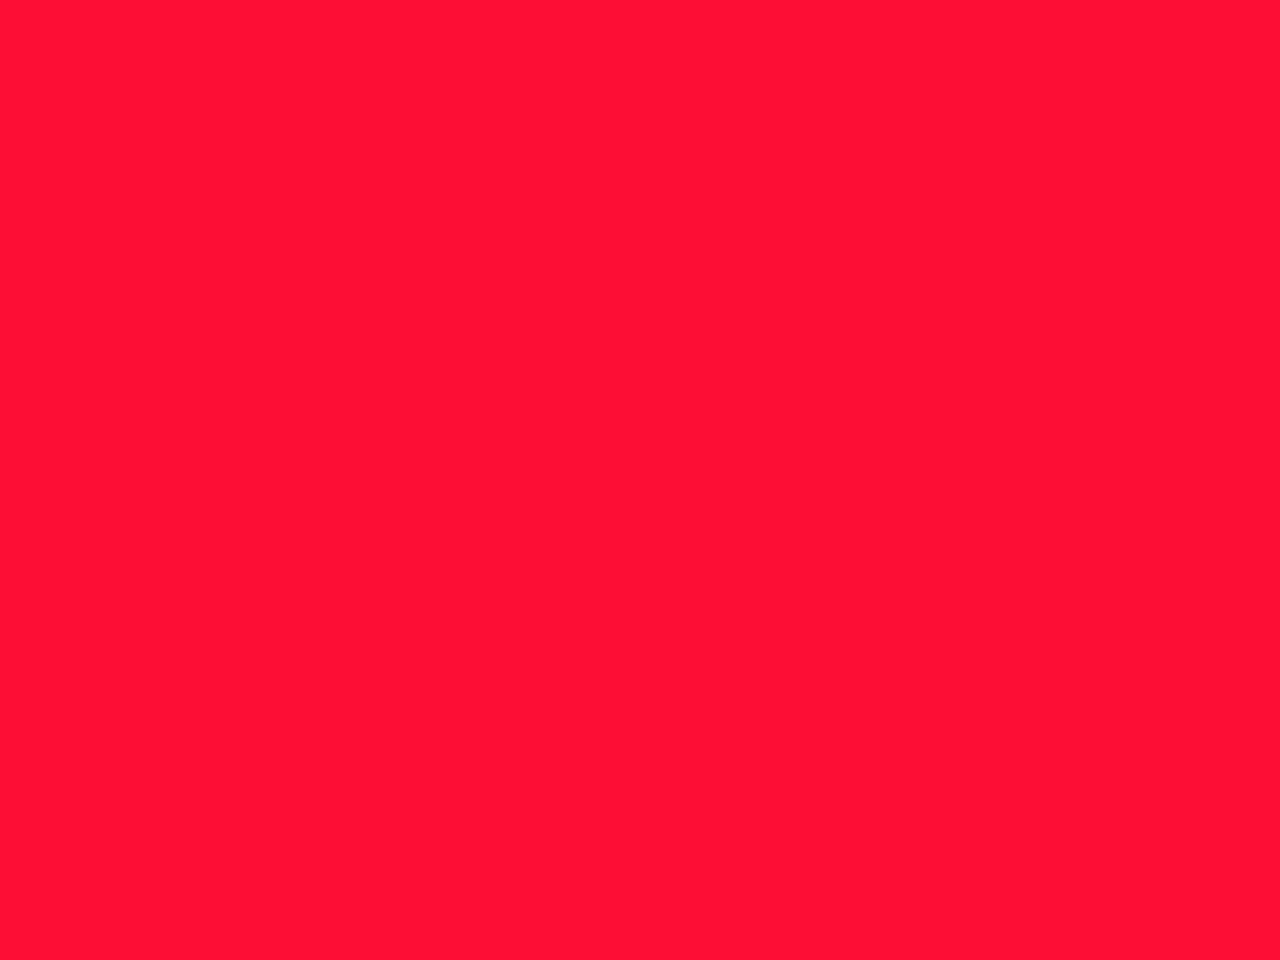 1280x960 Scarlet Crayola Solid Color Background